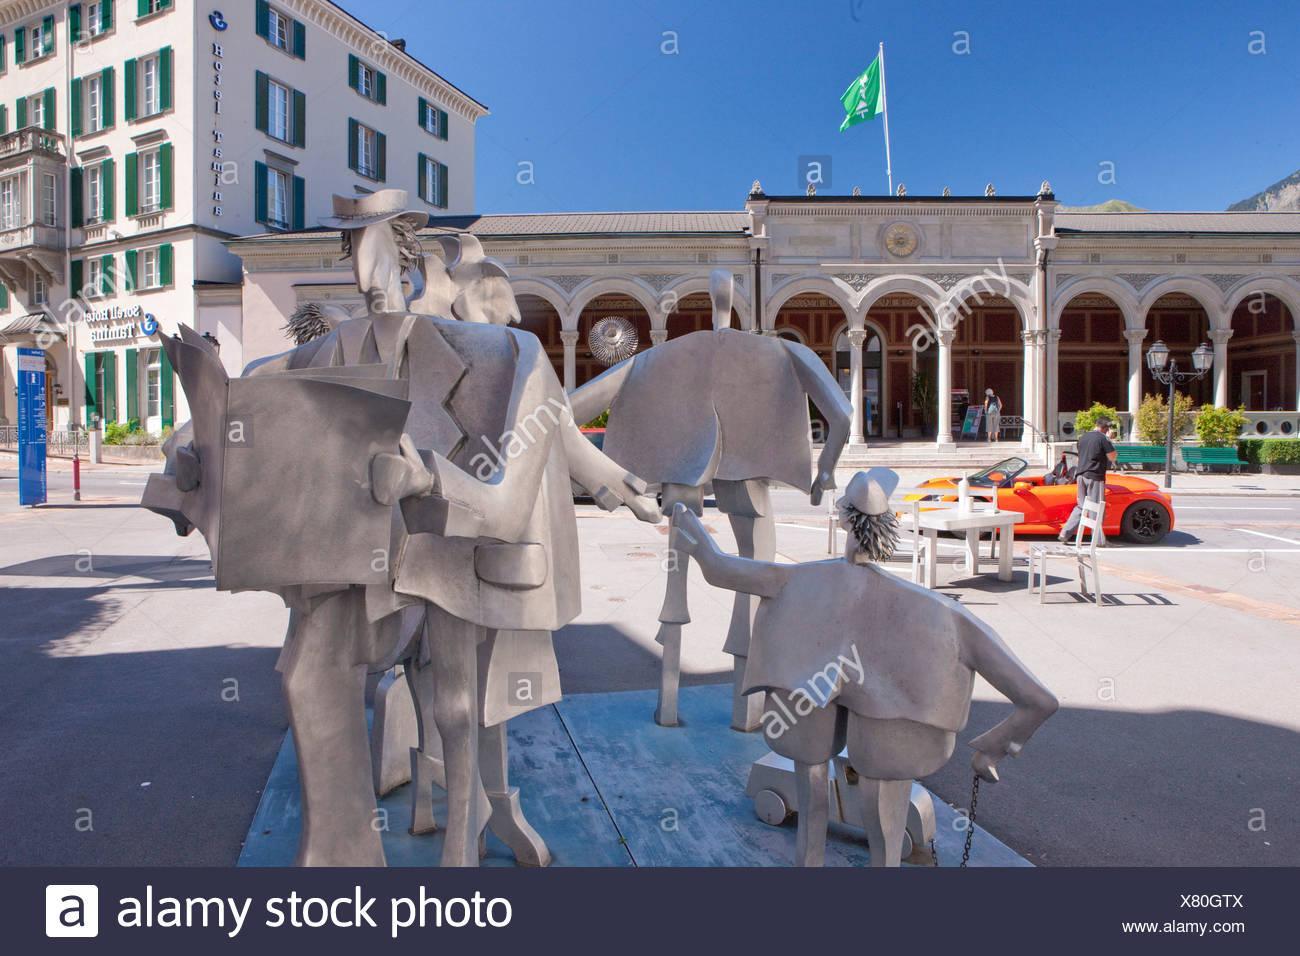 RagARTs, Kultur, Kanton, SG, St. Gallen, Schweiz, Europa, Kunst, Geschicklichkeit, Bad Ragaz, Figuren Stockbild